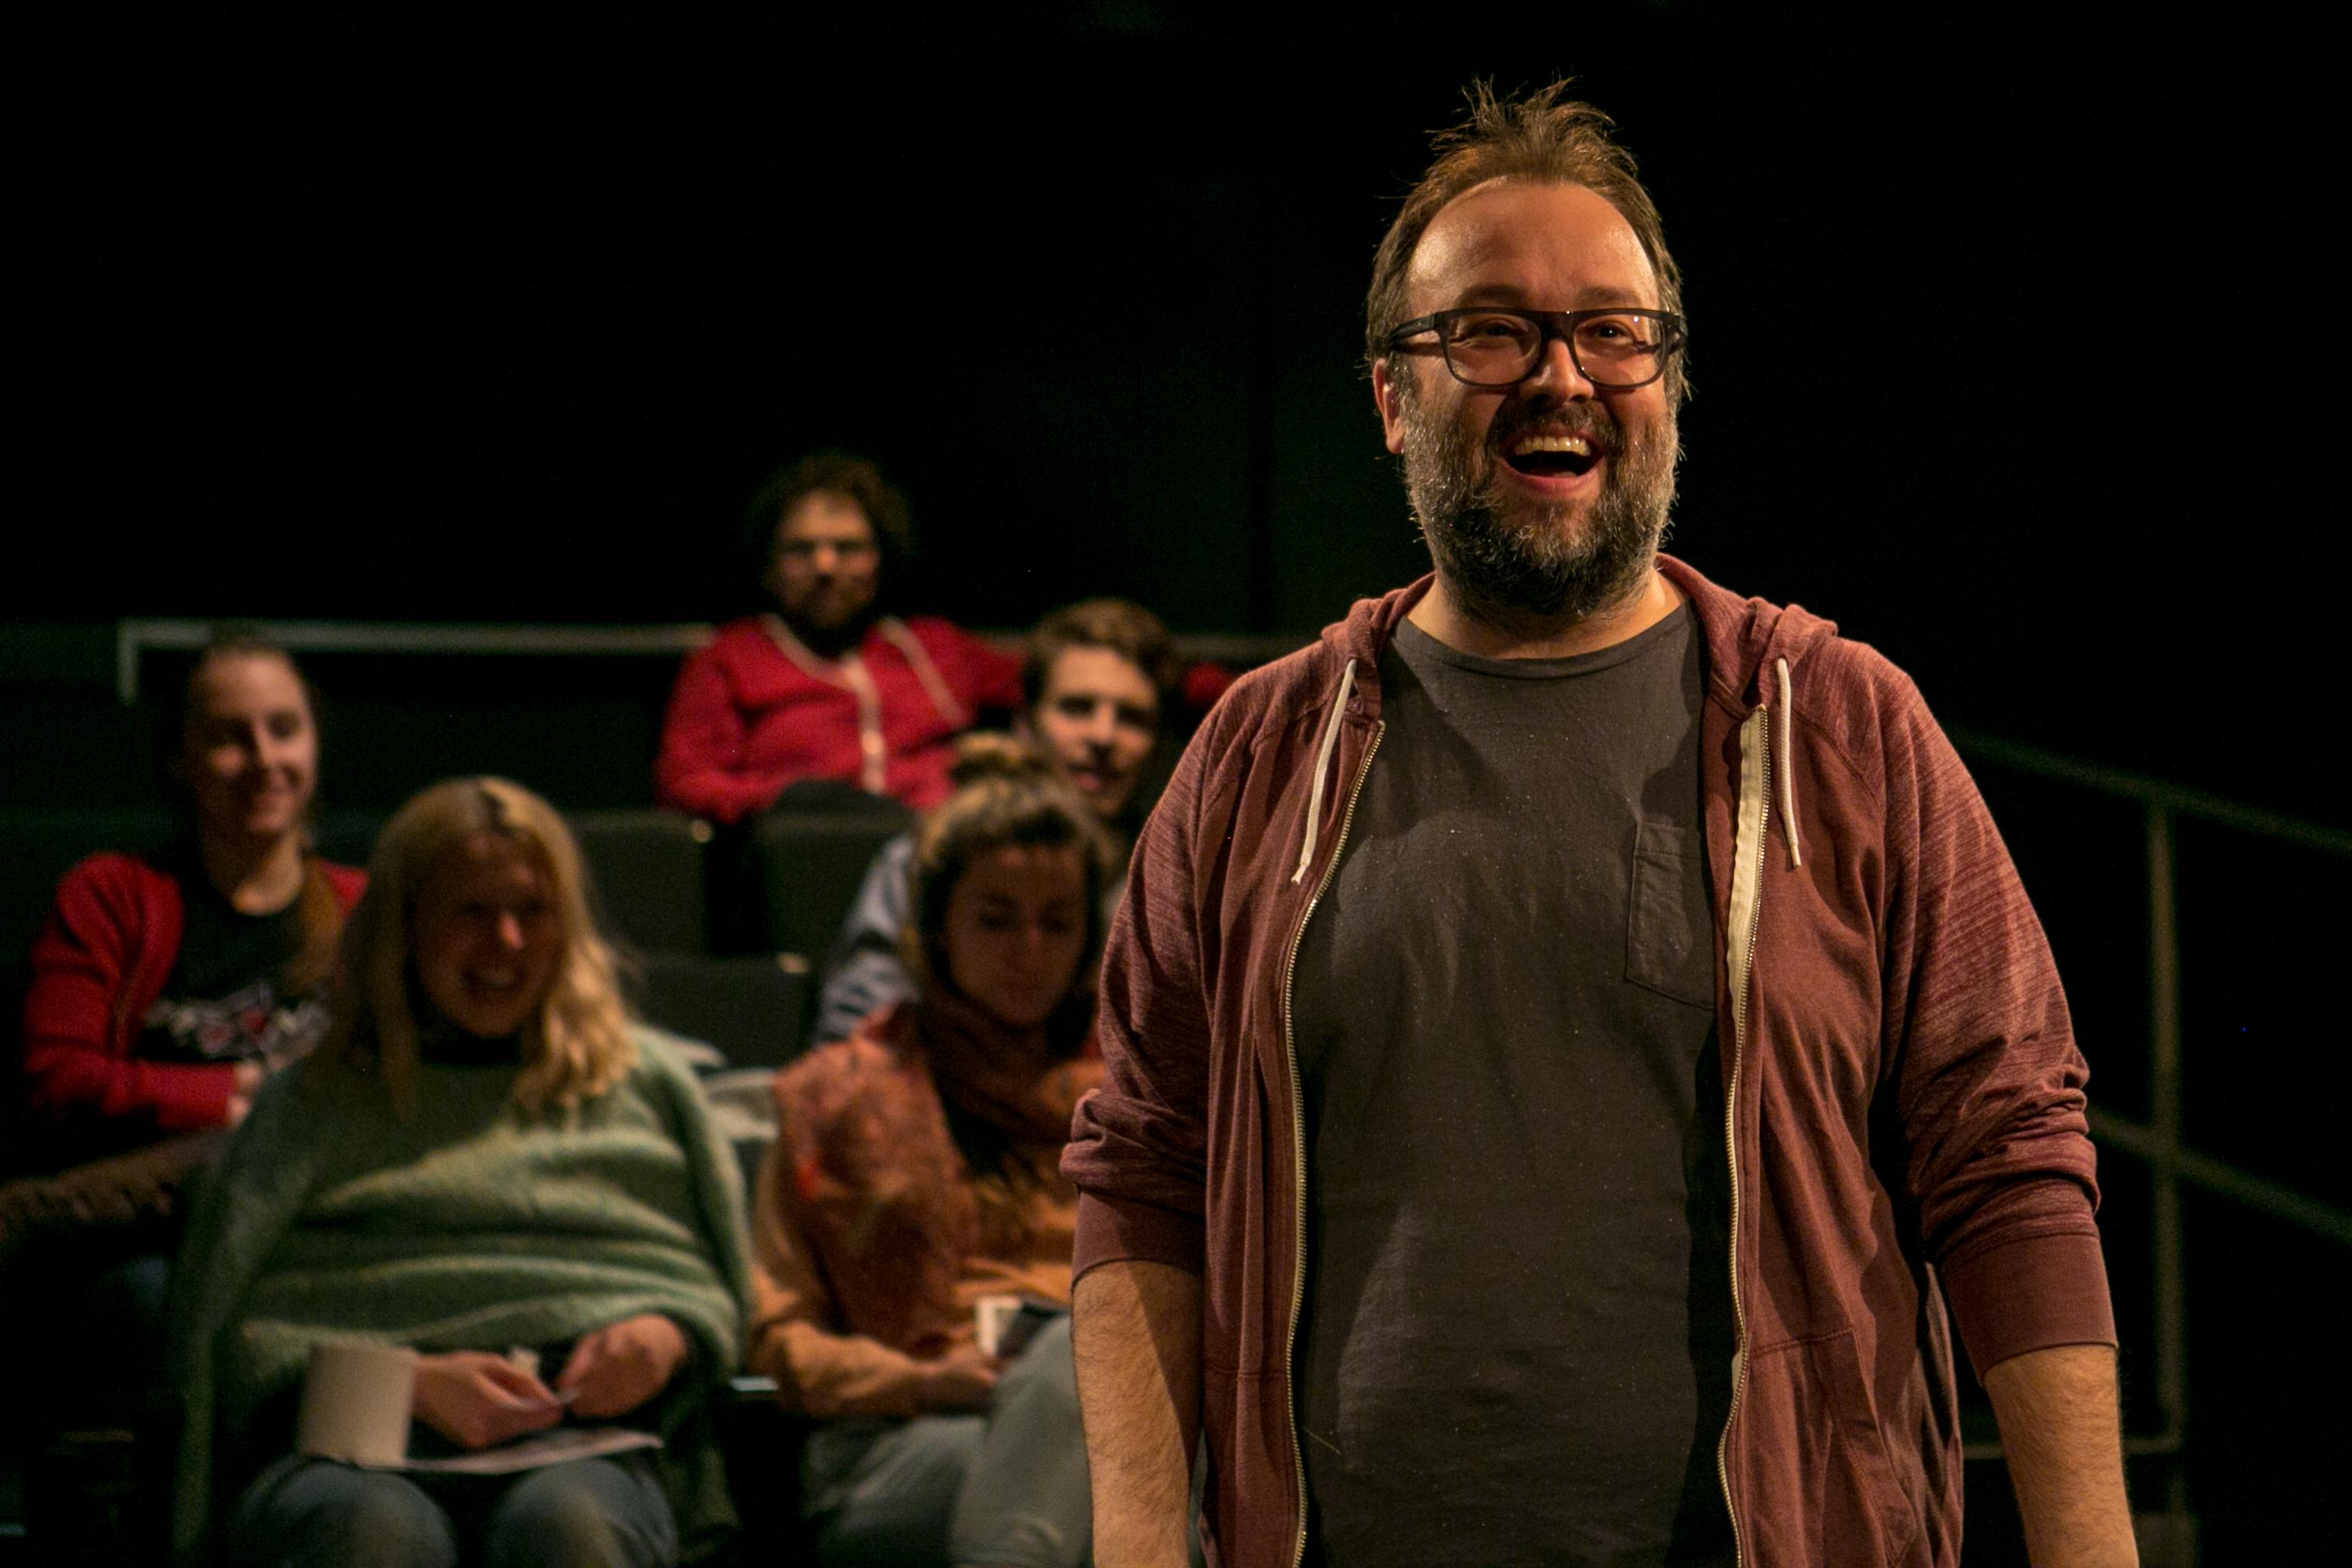 Une performance magistrale du comédien Jonathan Gagnon. Une production du Théâtre de Passage.